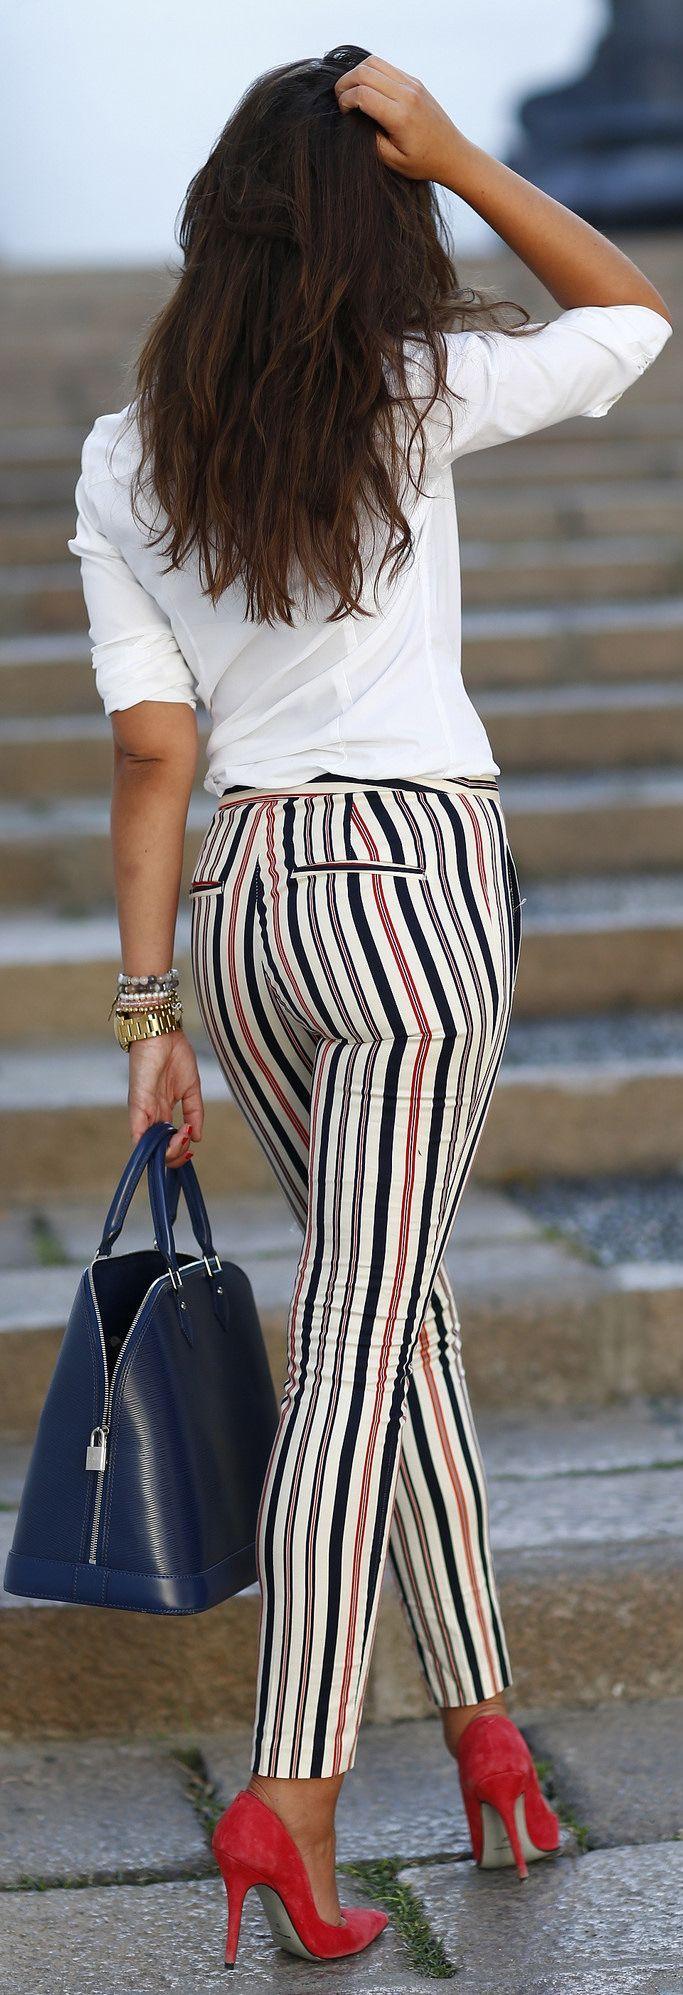 White Multi Stripe Skinny Trousers http://momsmags.net